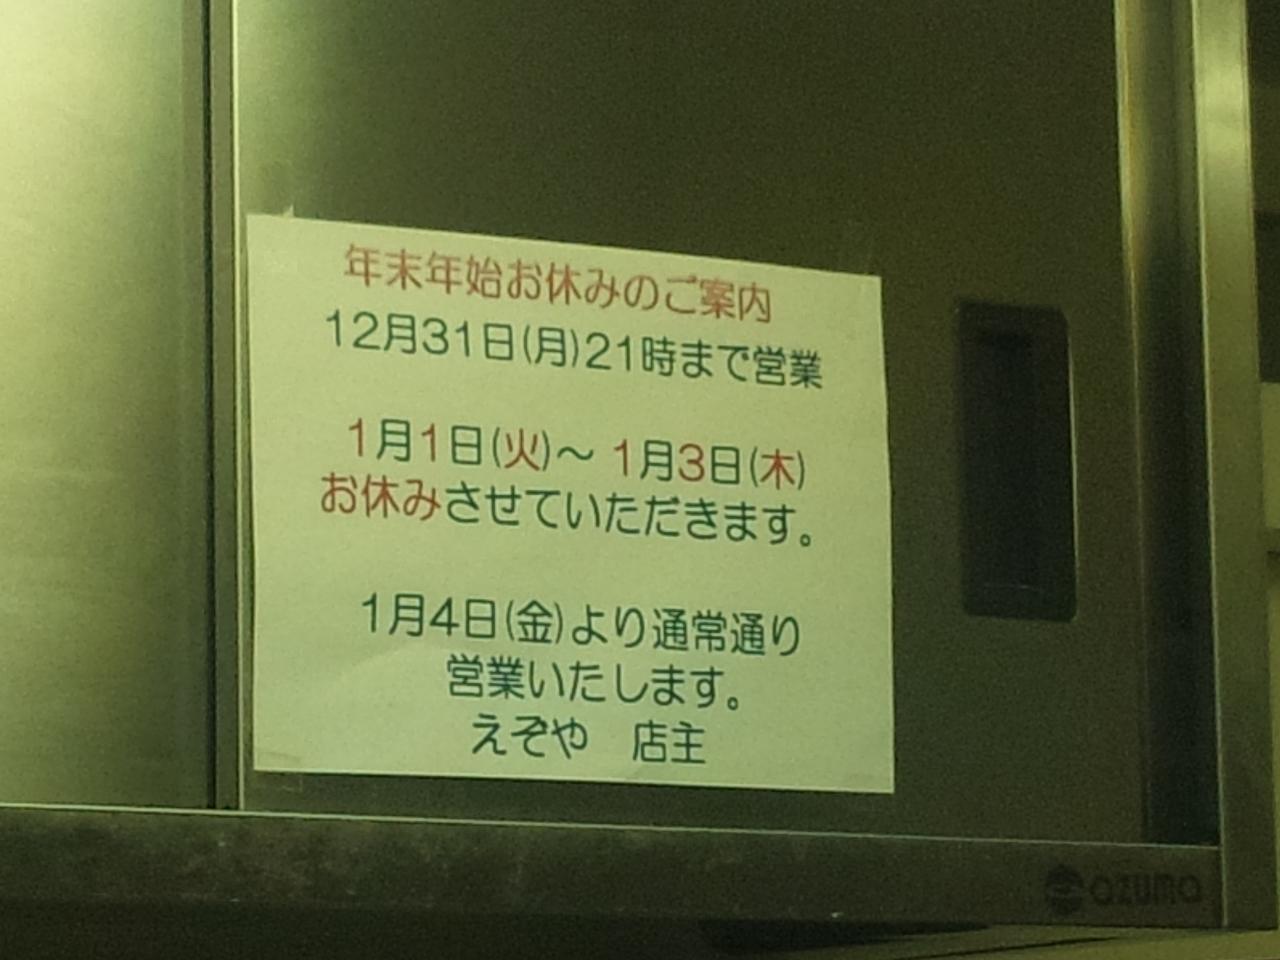 えぞや六角橋店(正月休み)